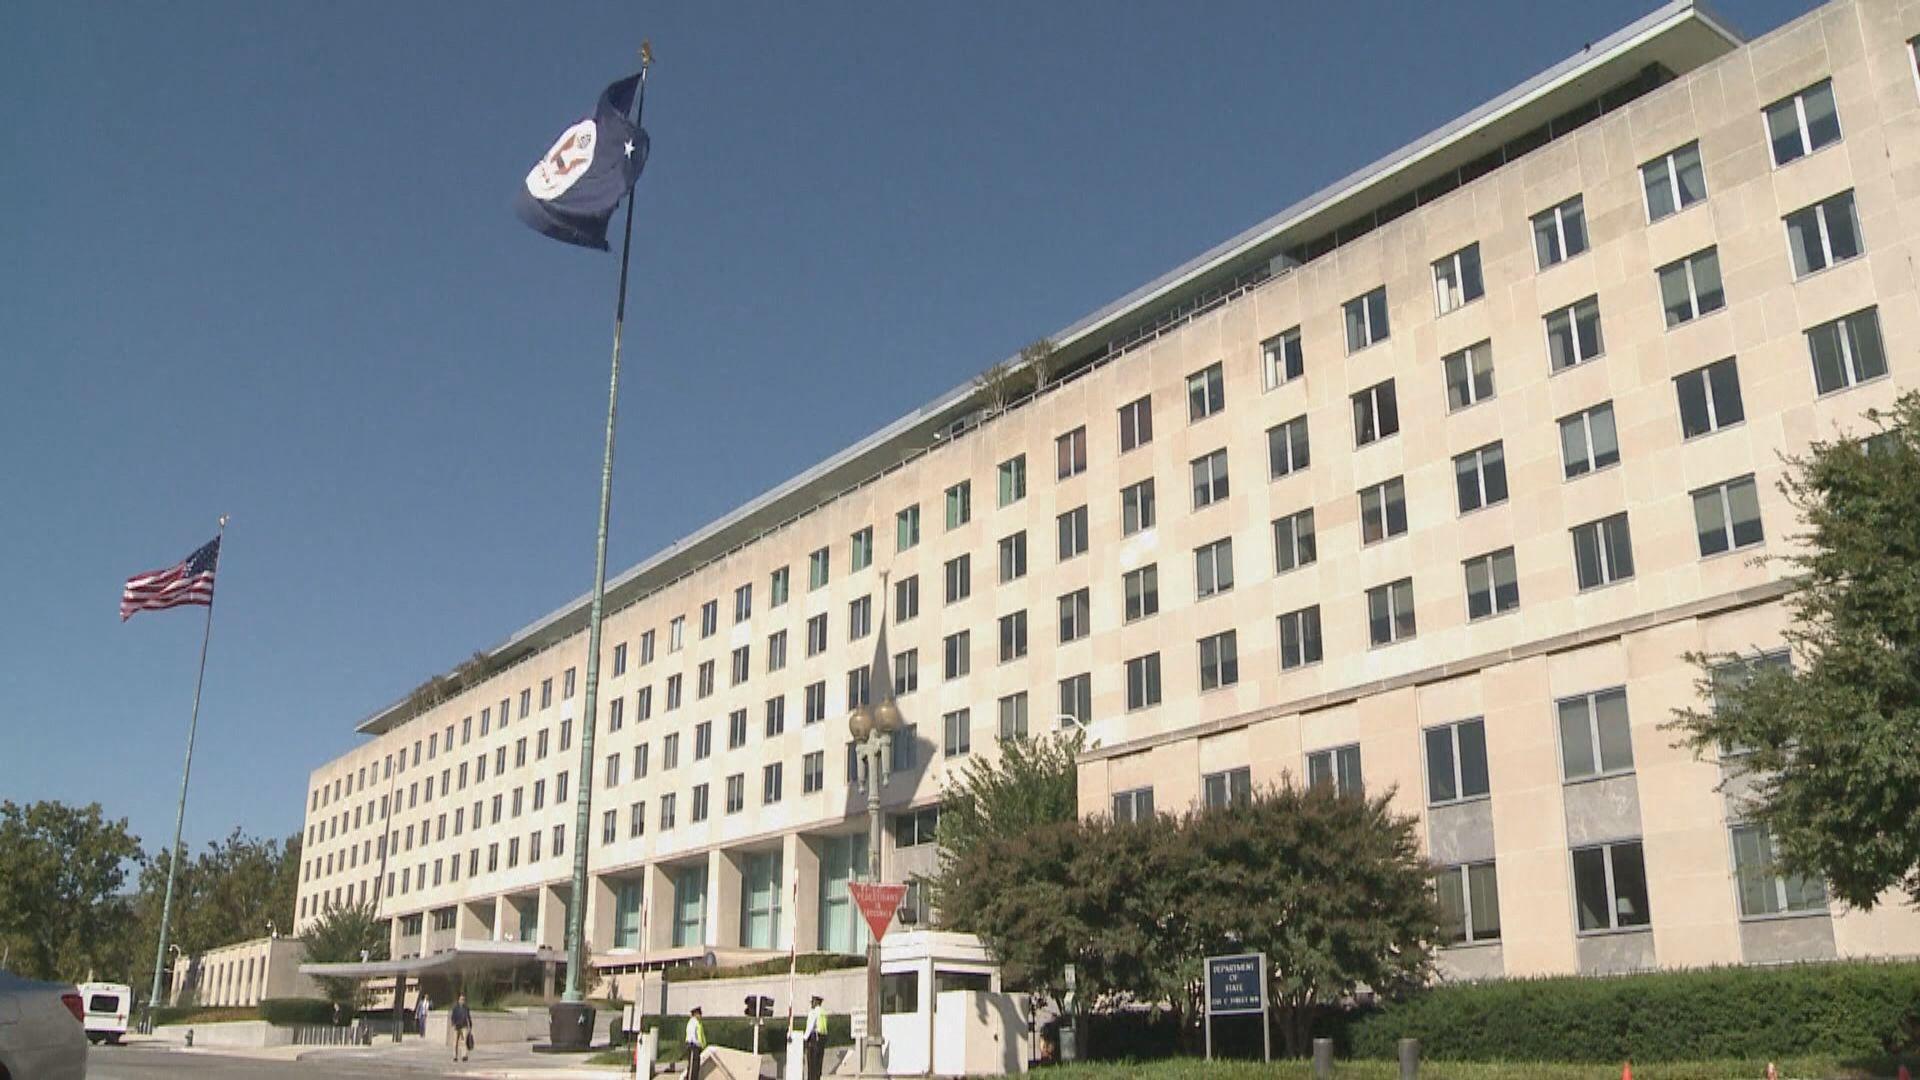 美國務院取消所有官員外訪 據報白宮衝擊後歐洲拒見蓬佩奧